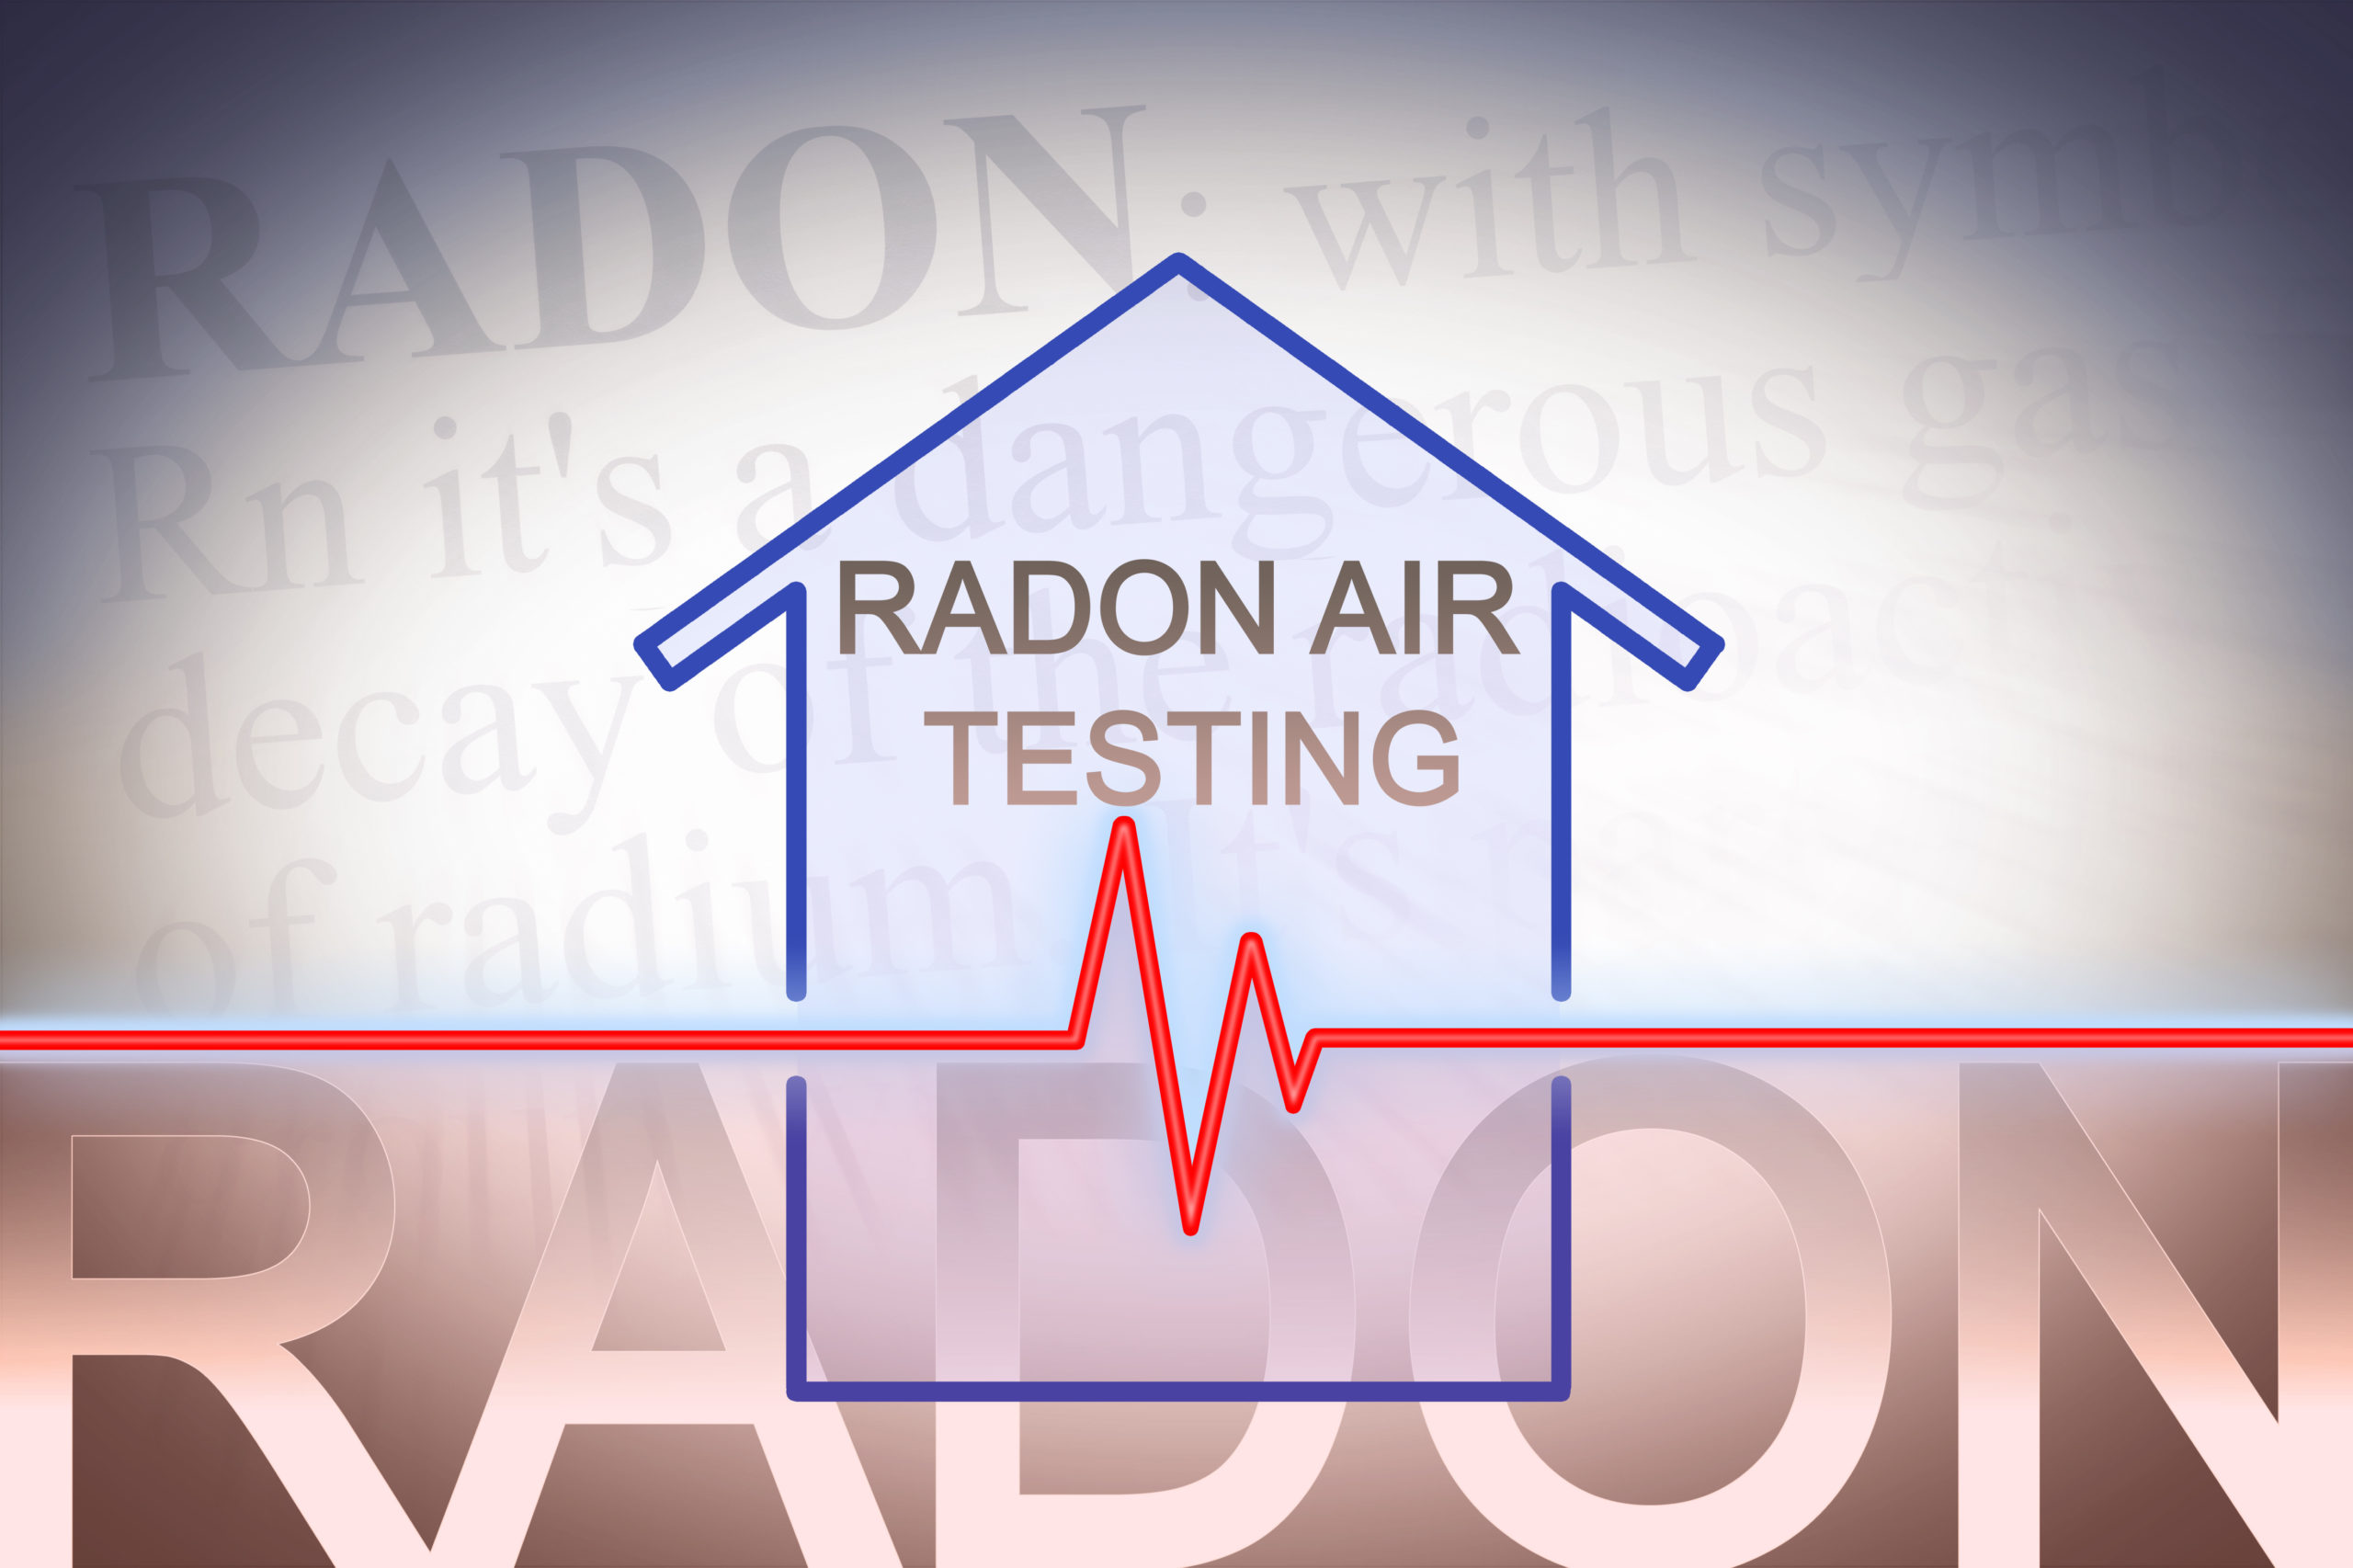 radon image